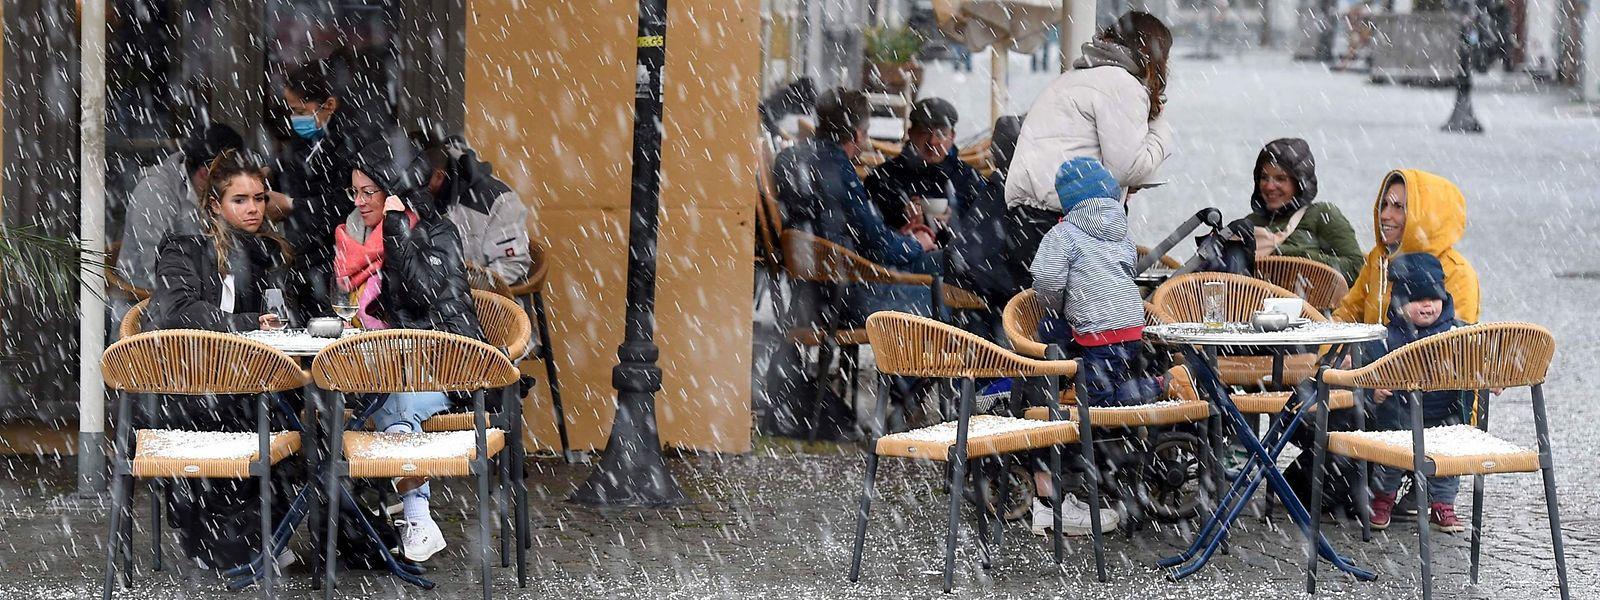 Hauptsache offen? In Saarbrücken darf die Außengastronomie unter Auflagen wieder öffnen - egal bei welchem Wetter.